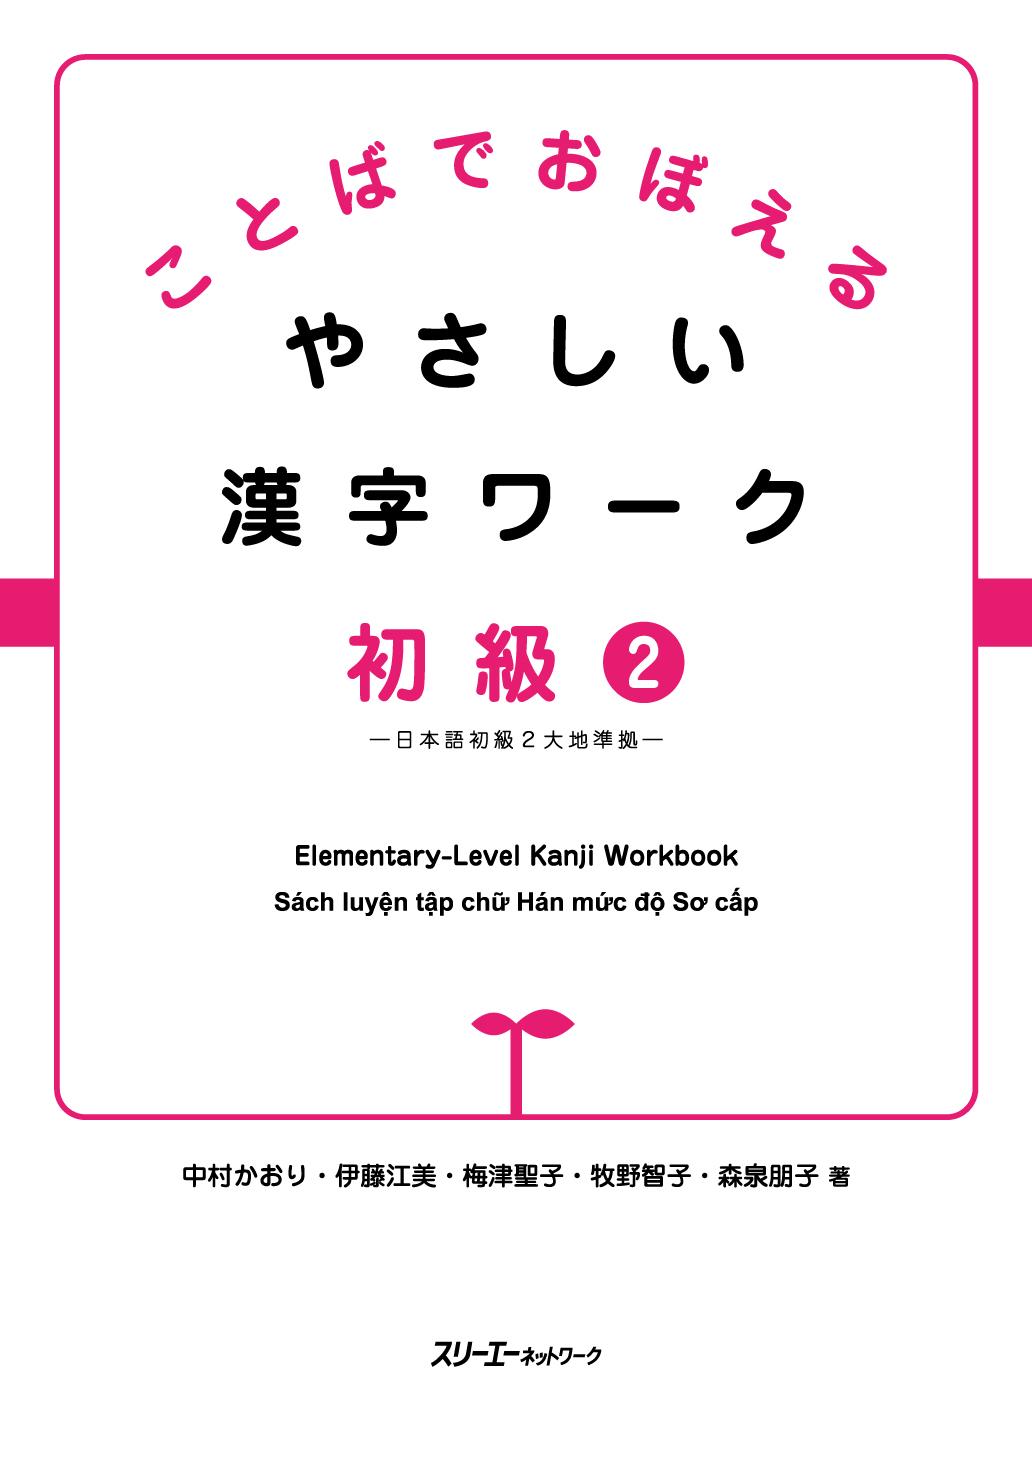 ことばでおぼえる やさしい漢字ワーク 初級2-日本語初級2大地準拠- 画像